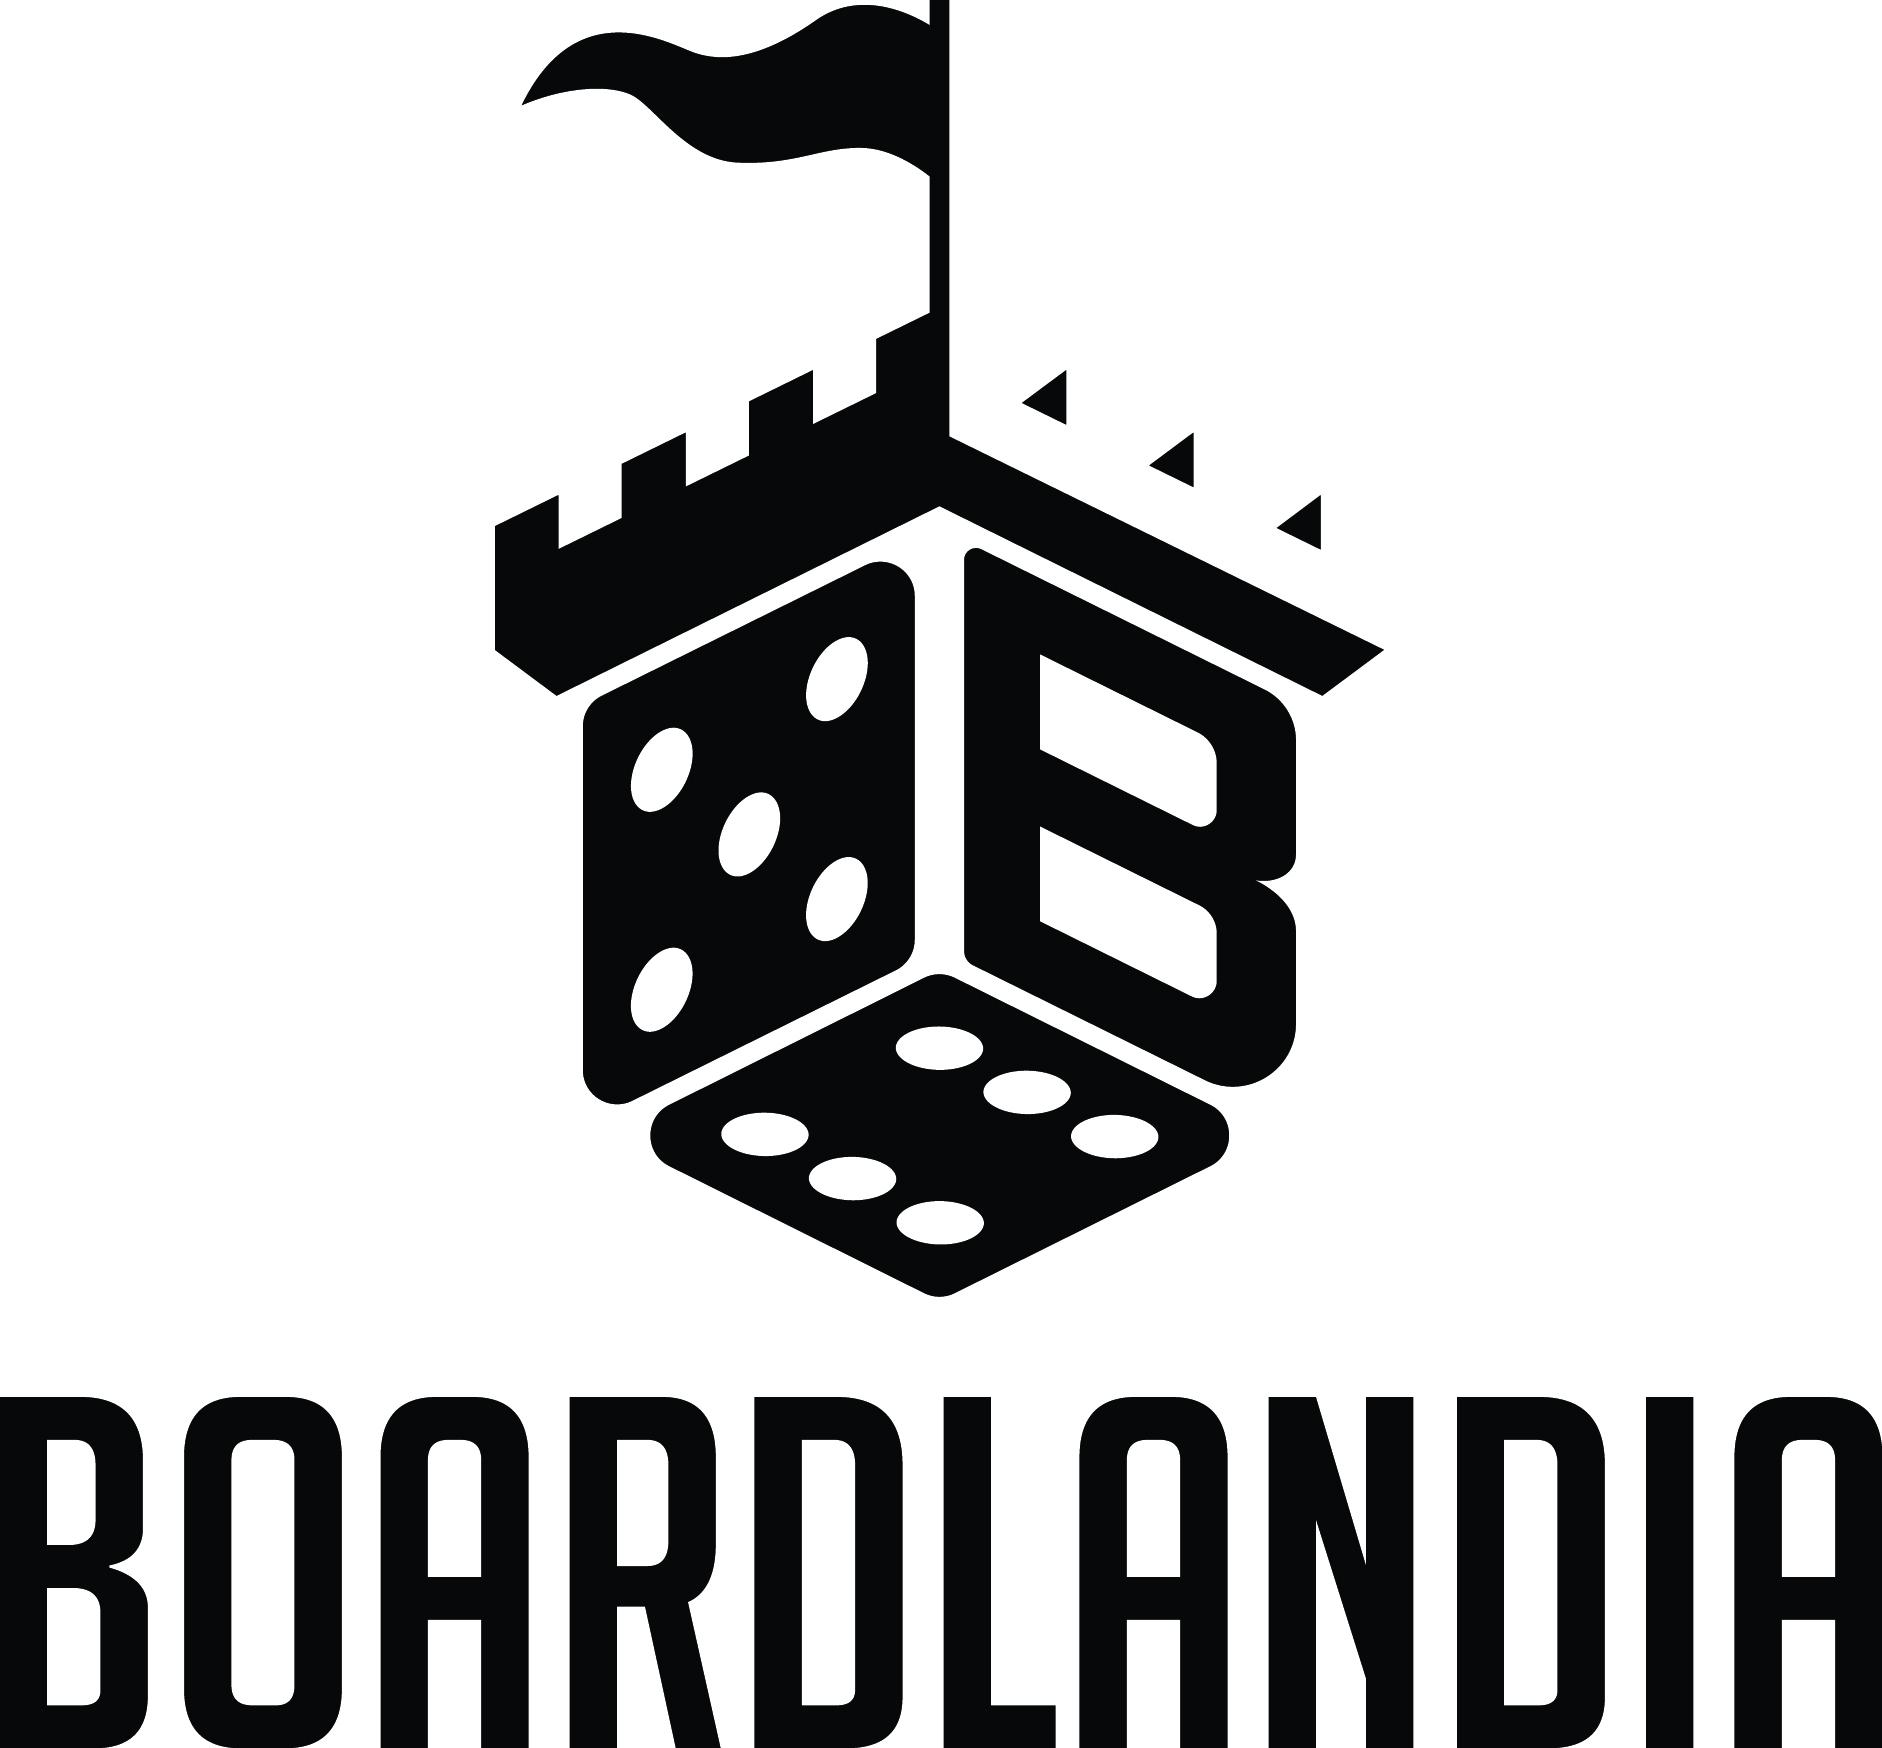 boardlandia-final-logo.jpg